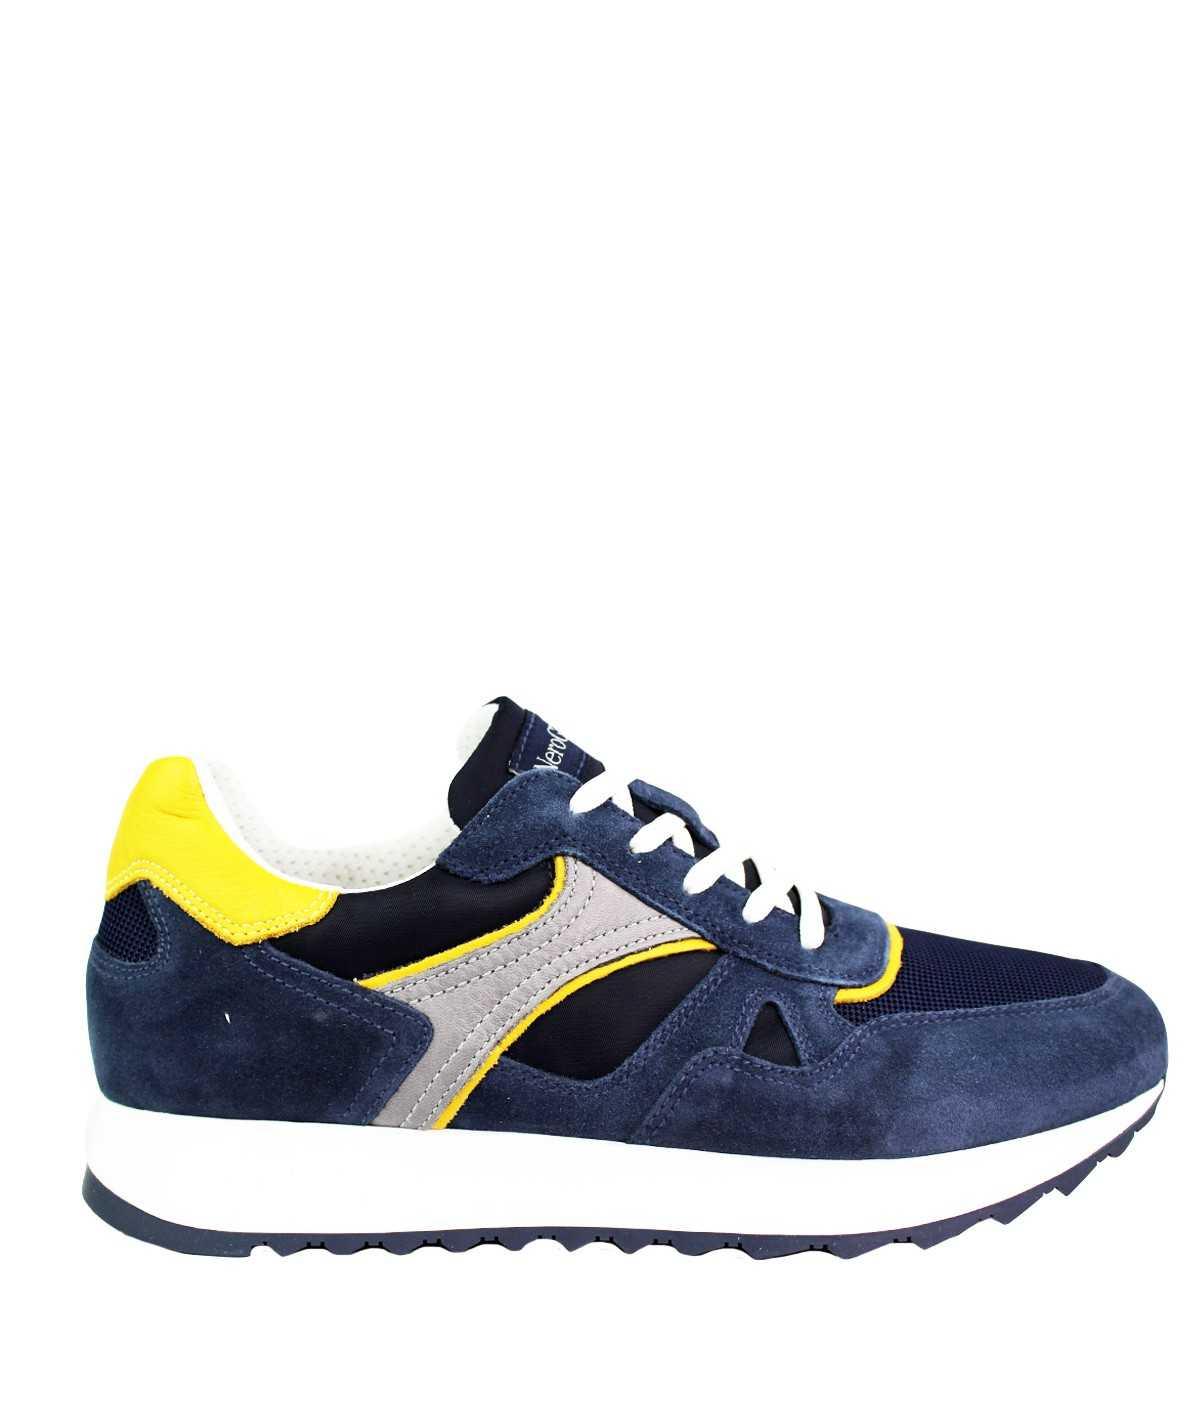 NEROGIARDINI Sneakers Uomo